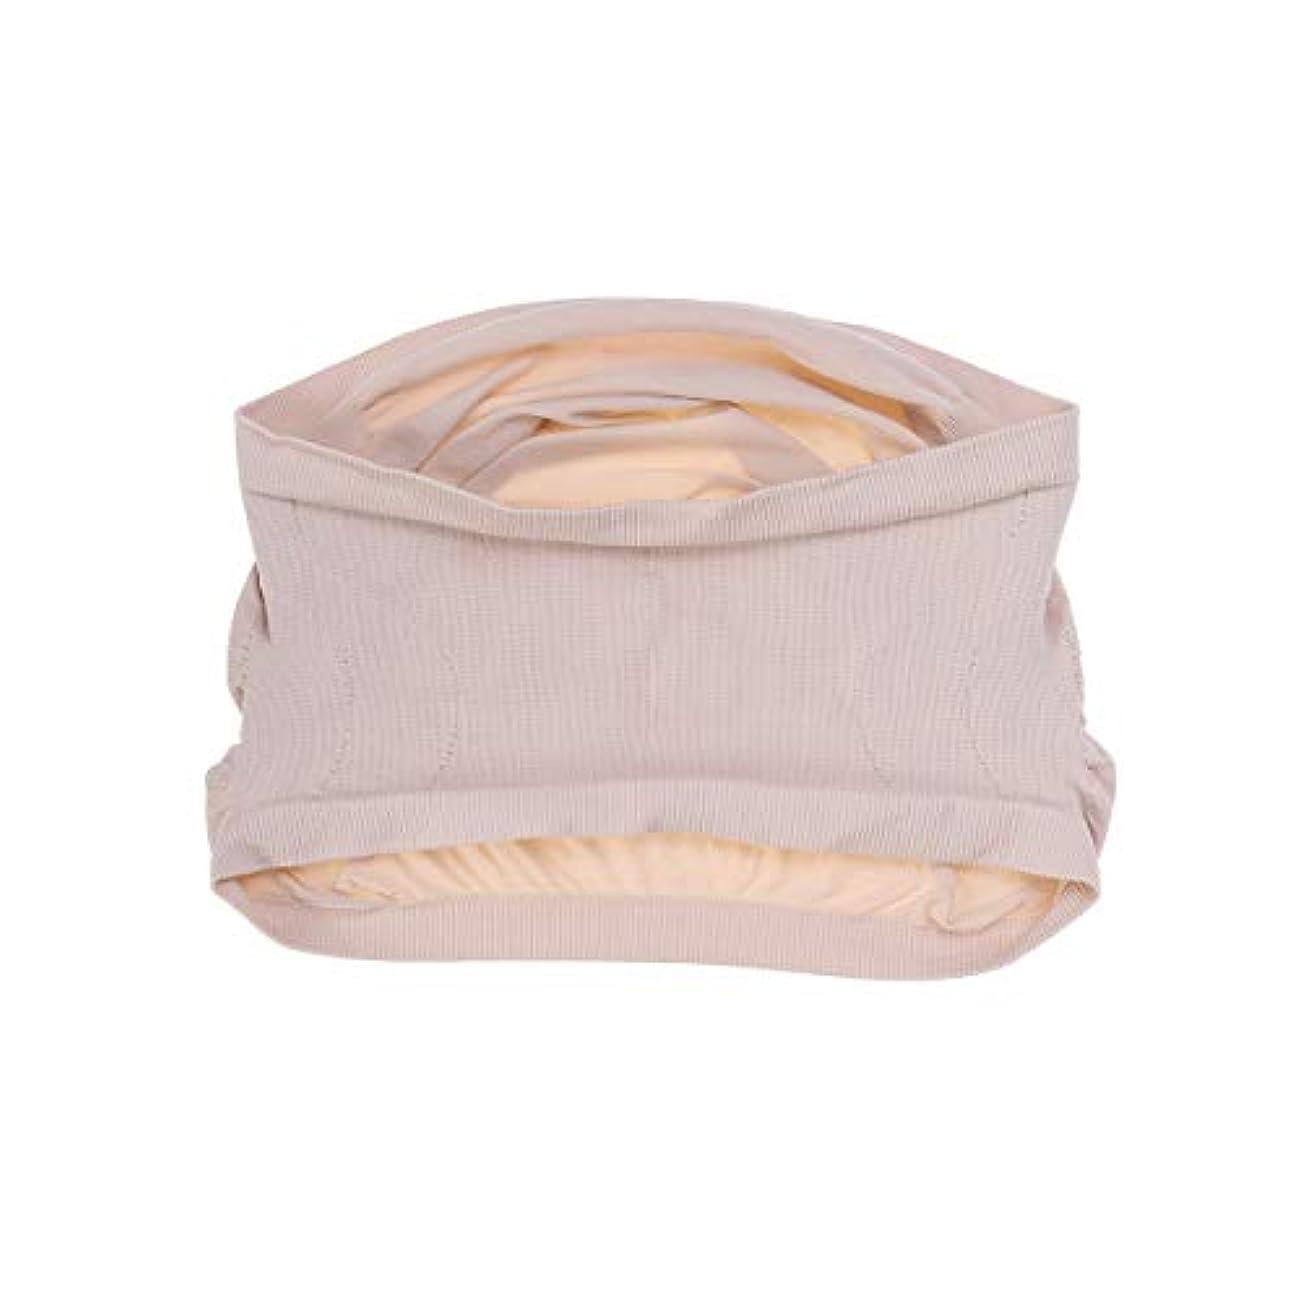 Healifty 妊婦 マタニティベルト 産前産後 腹部サポートベルト 骨盤ベルト 腰痛対策 冷房対策 通気性良 簡単装着 サイズXL(カーキ)